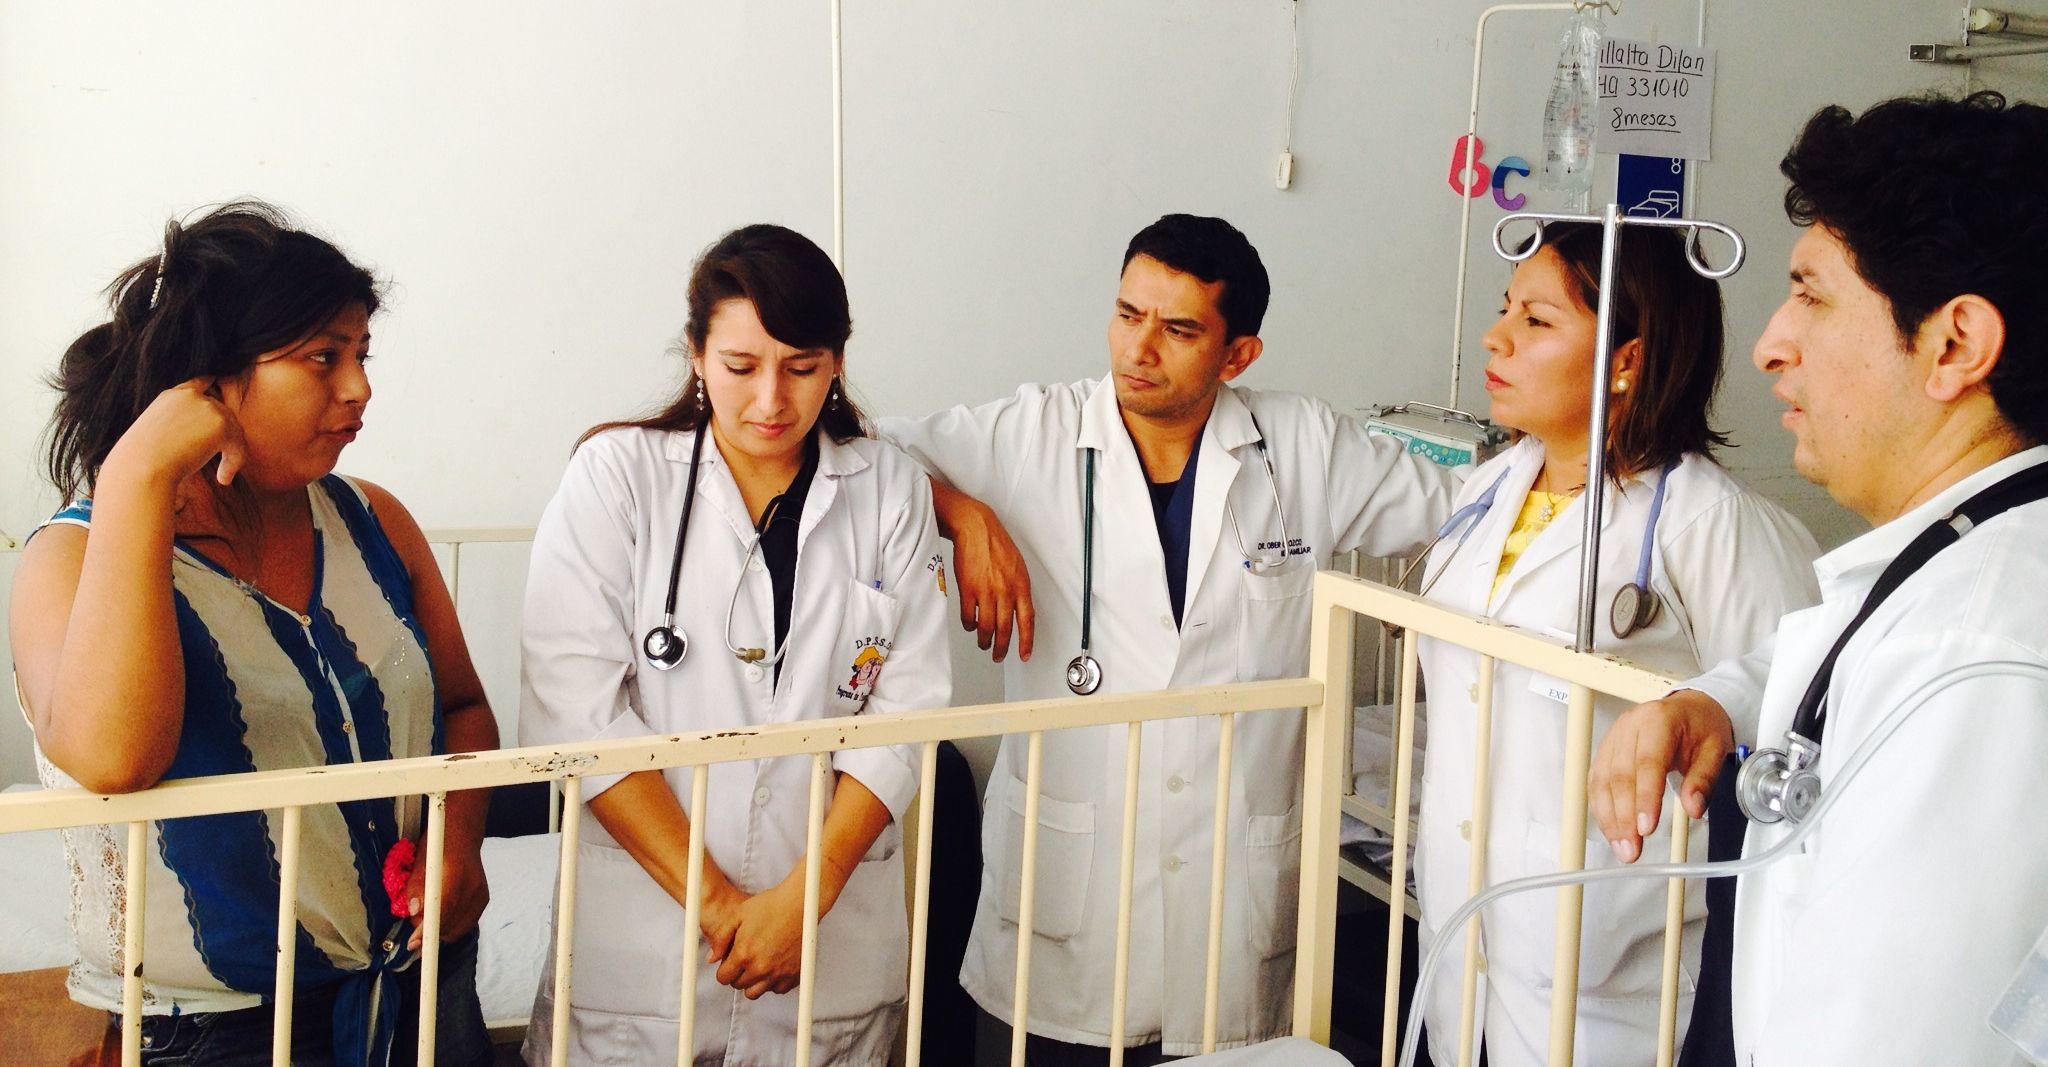 Doctors-in-peds.jpg